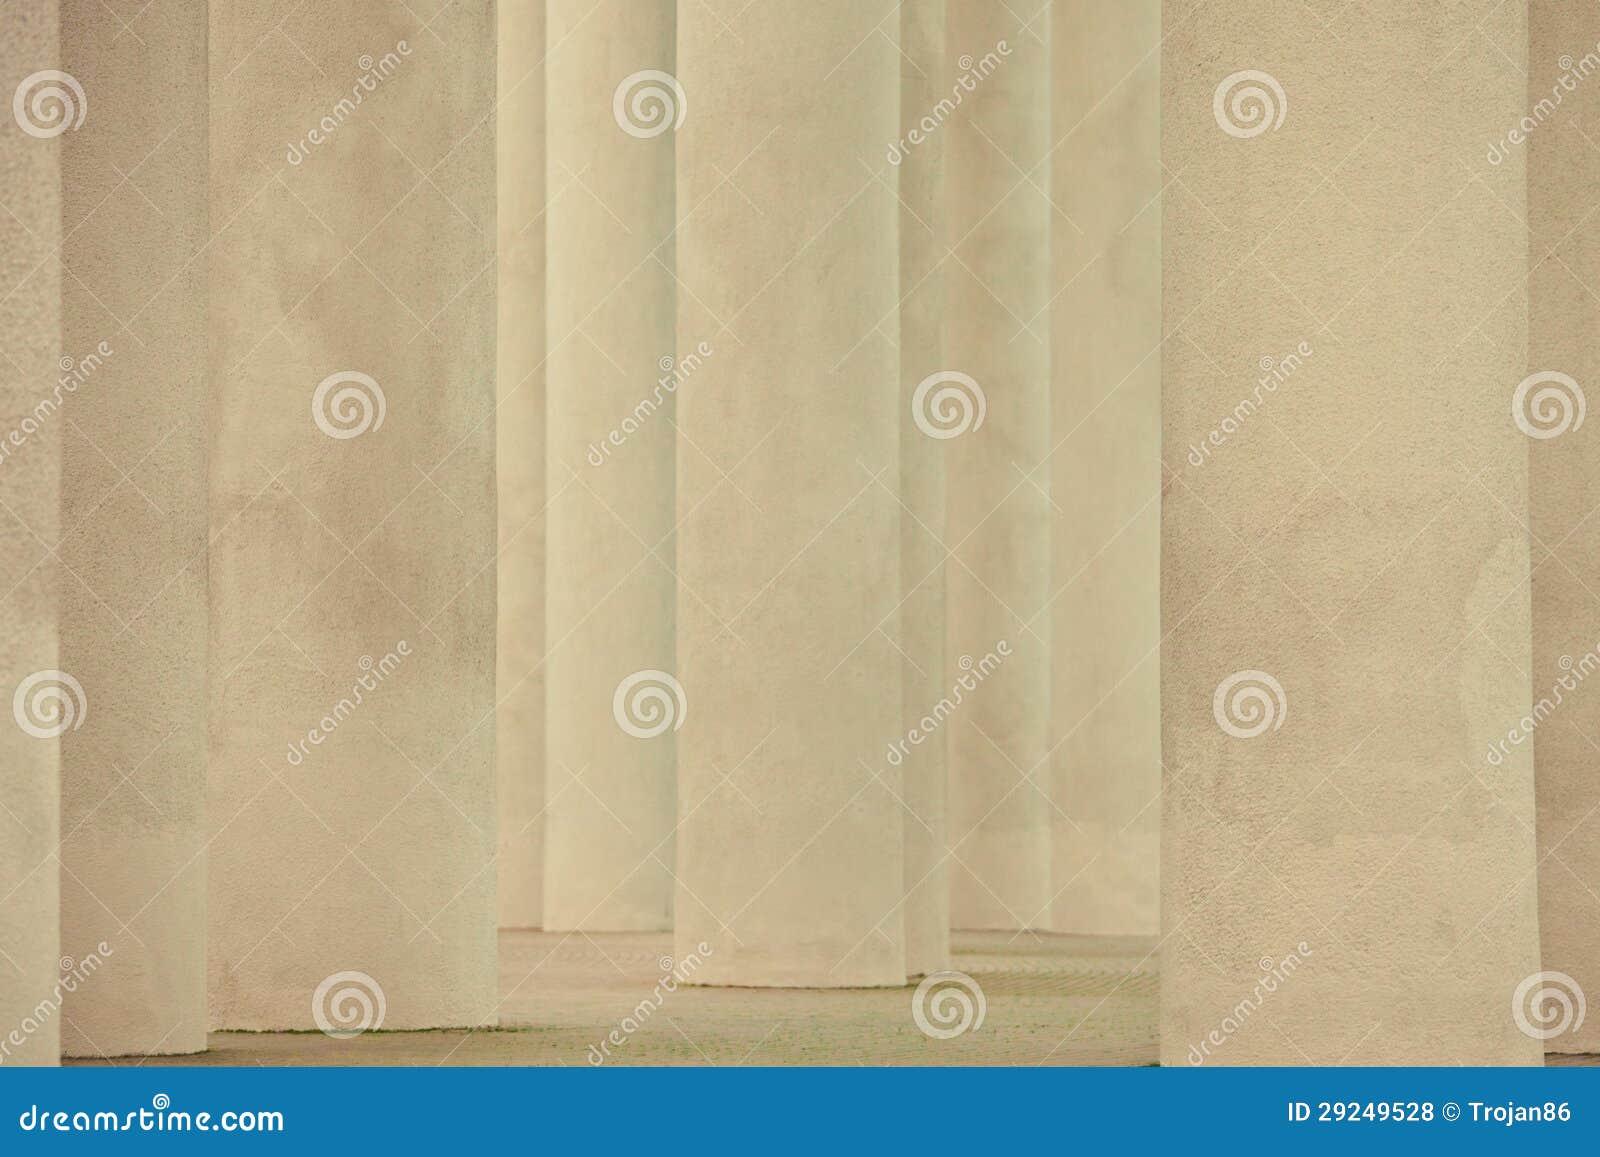 Download Colunas clássicas foto de stock. Imagem de eleição, justiça - 29249528